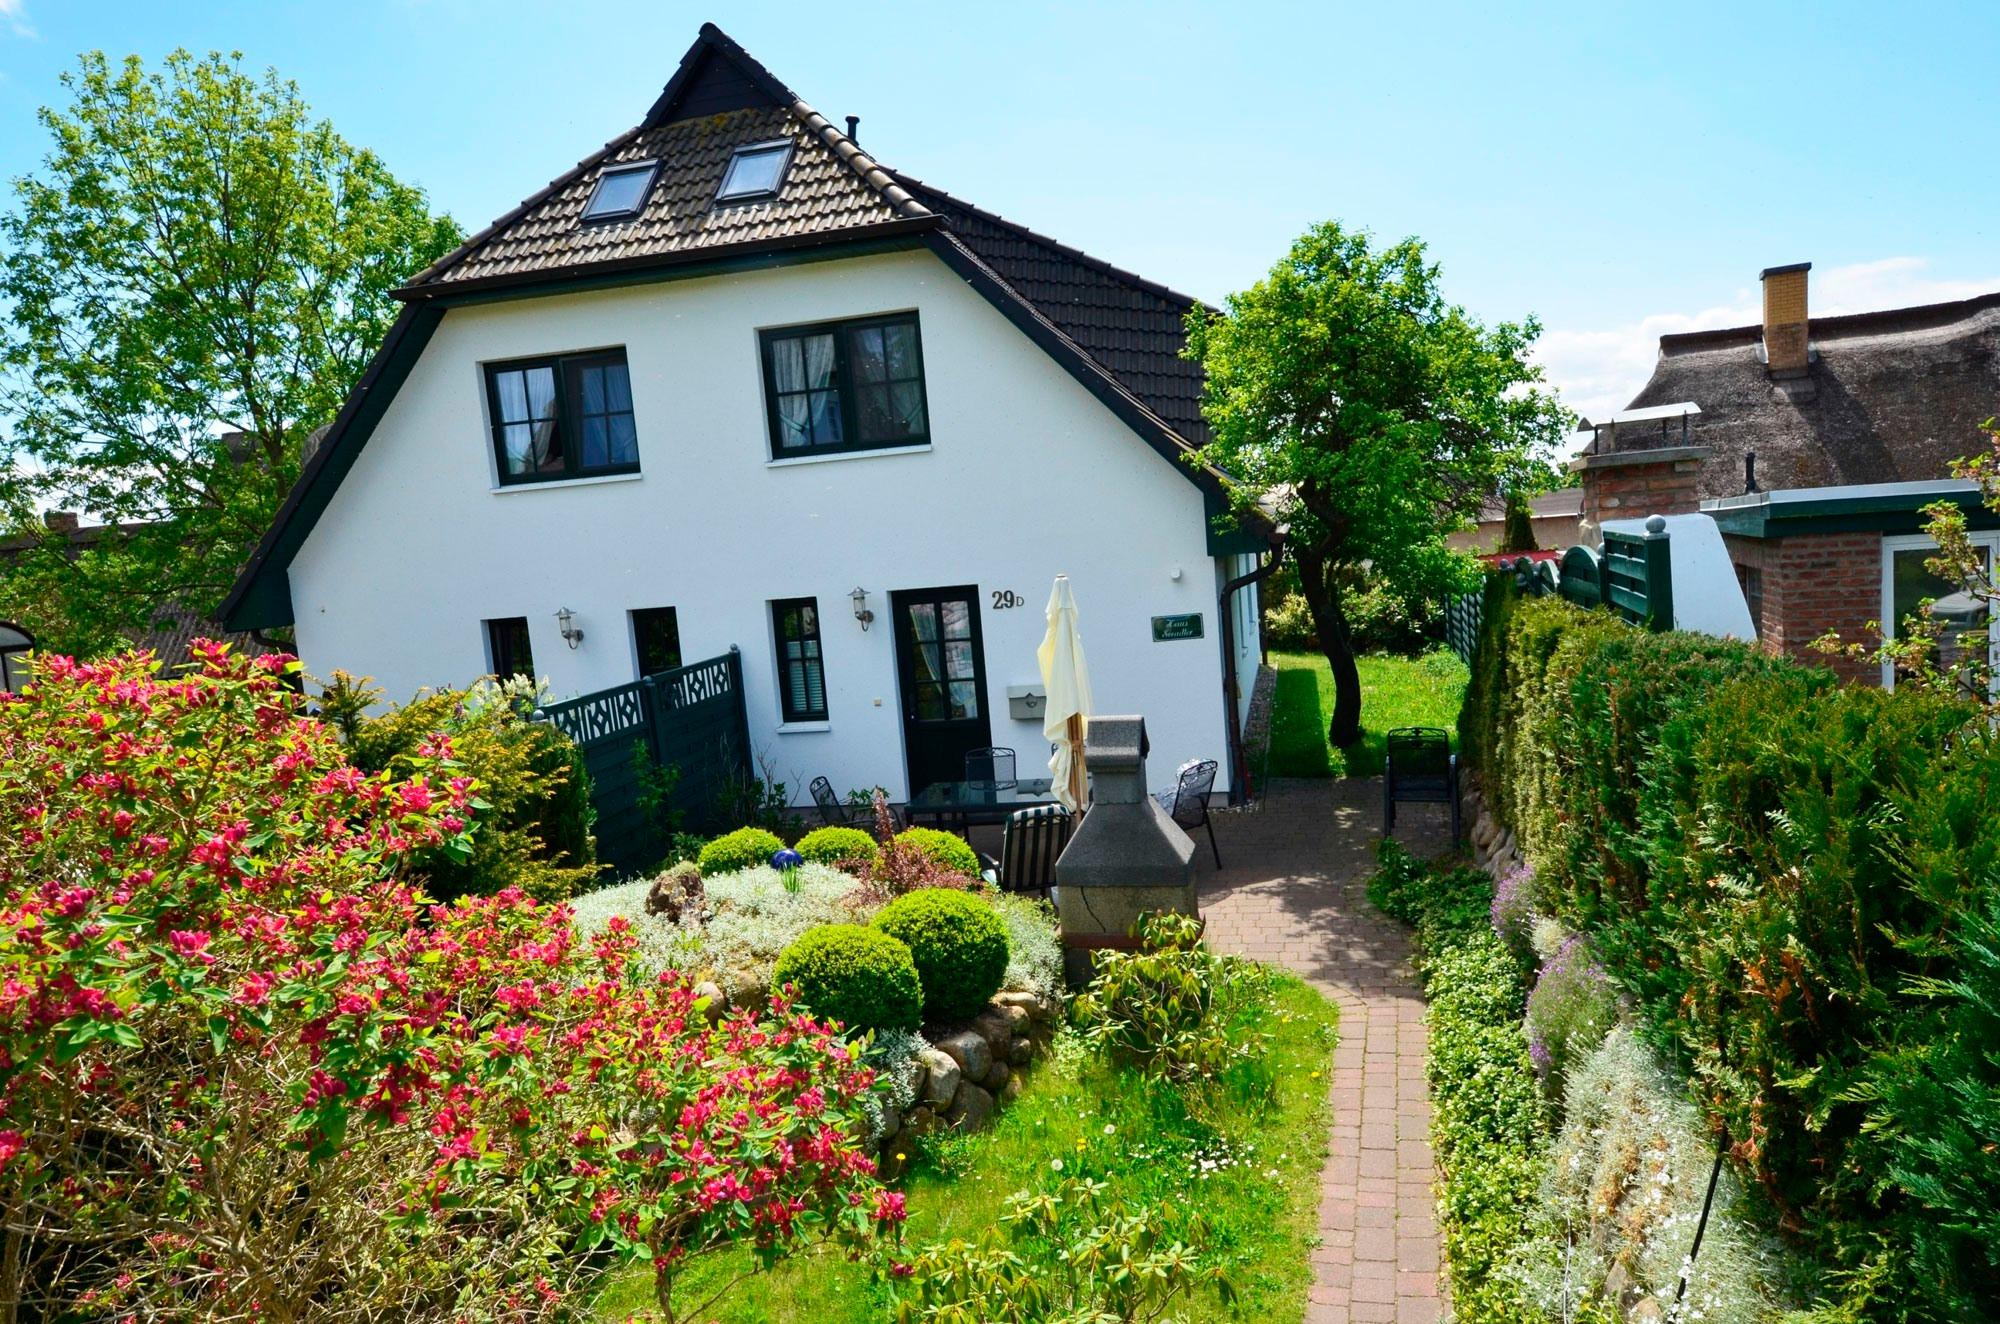 Seeadler Ferienhaus in Deutschland